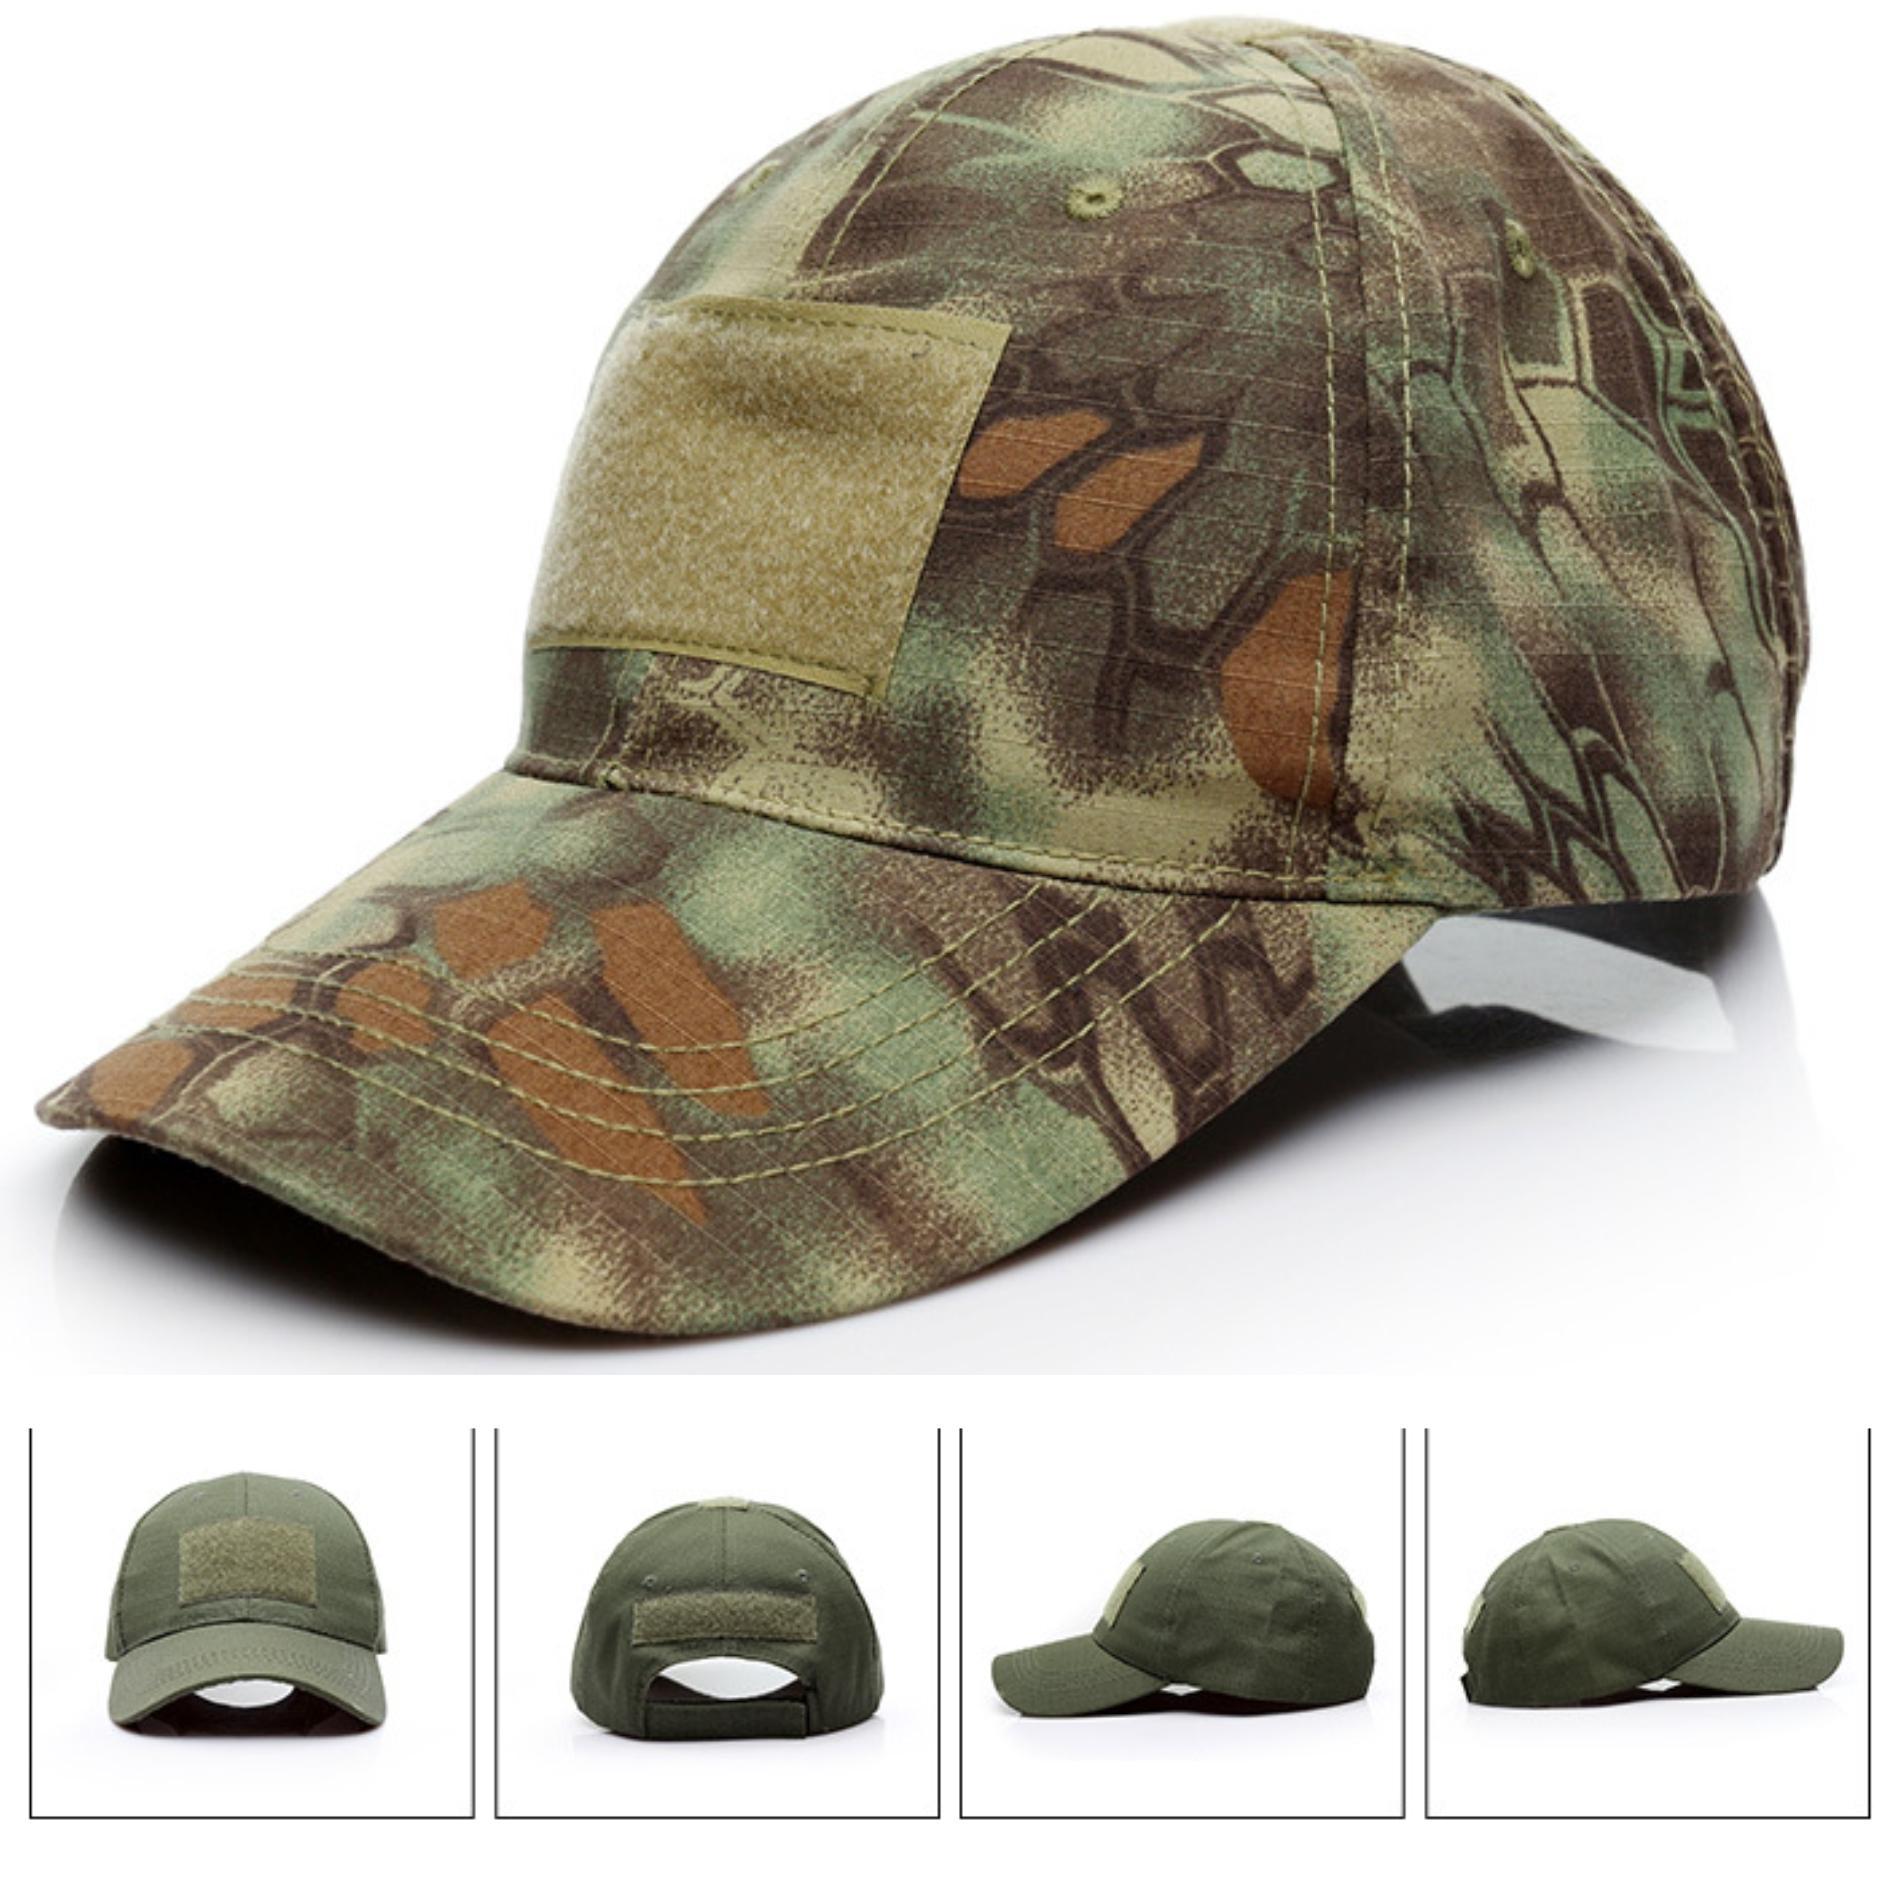 Nuevo camuflaje gorra de béisbol de entrenamiento al aire libre de caza tácticos sunhat Varios colores de camuflaje regala la bandera de velcro.